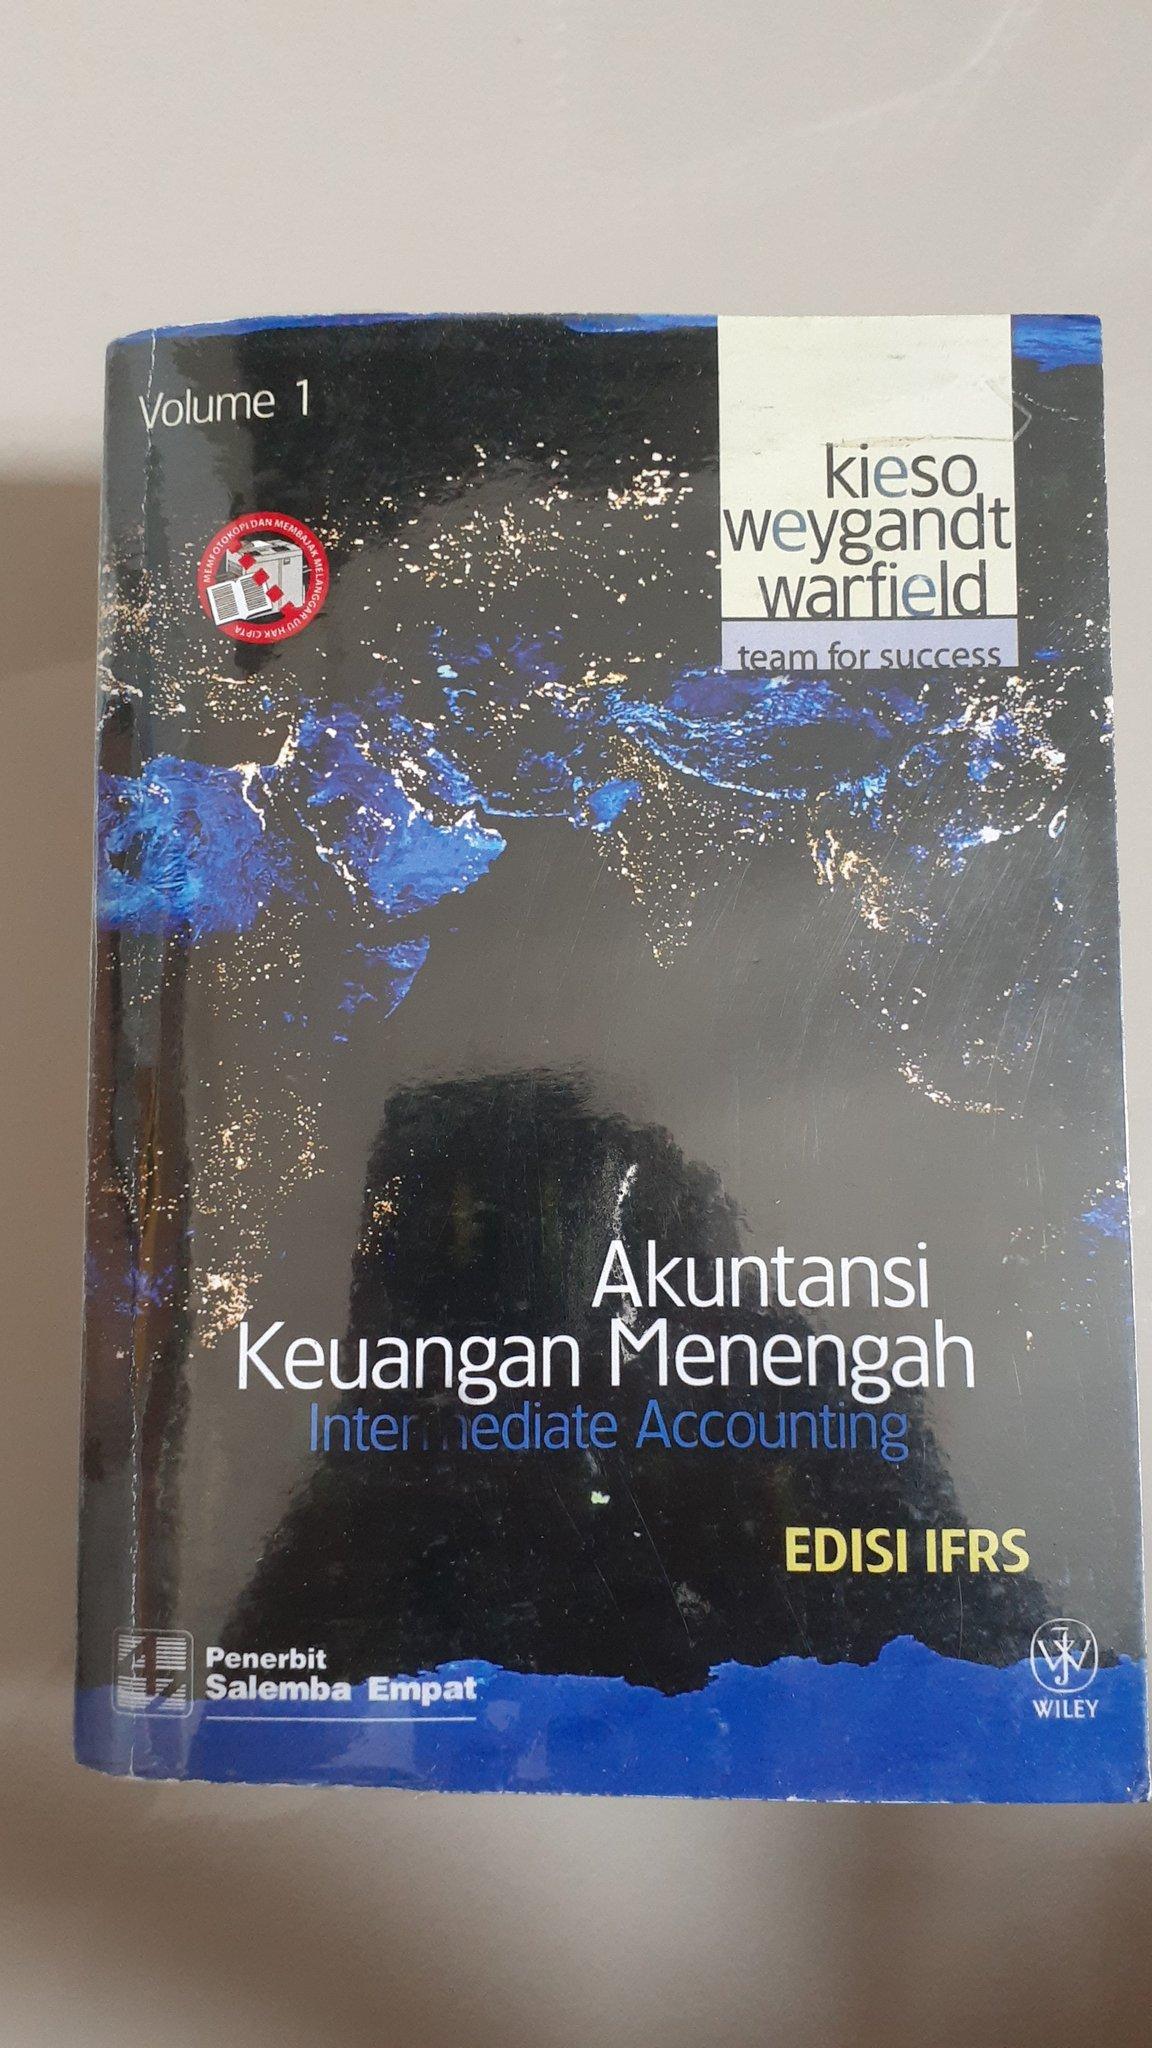 Off Cek Pinned A Twitter Cm Ada Yg Punya Kunci Jawaban Bahasa Indonesia Buku Ini Dosenku Jahat Banget Harus Di Kerjain Semua Pertanyaan Di Dalemnya Pdhl Semua Anak Kelas Udah Kerjasama